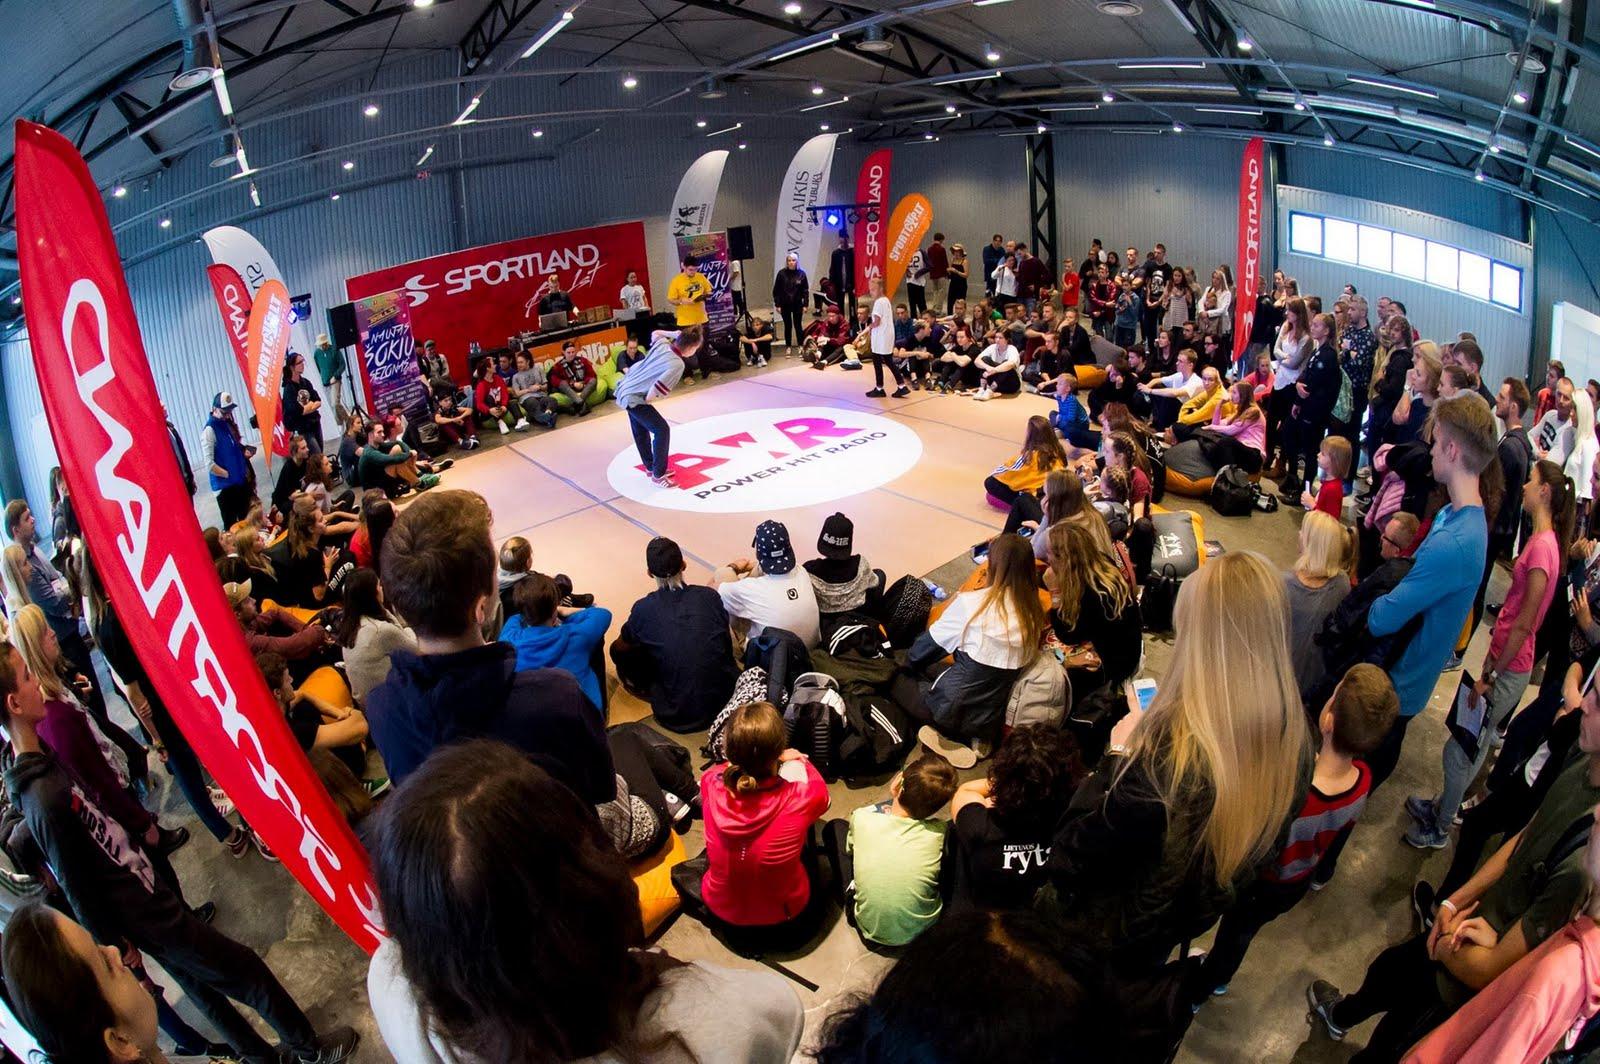 PHR Dance battles Vilniaus festivalis - 57.jpg